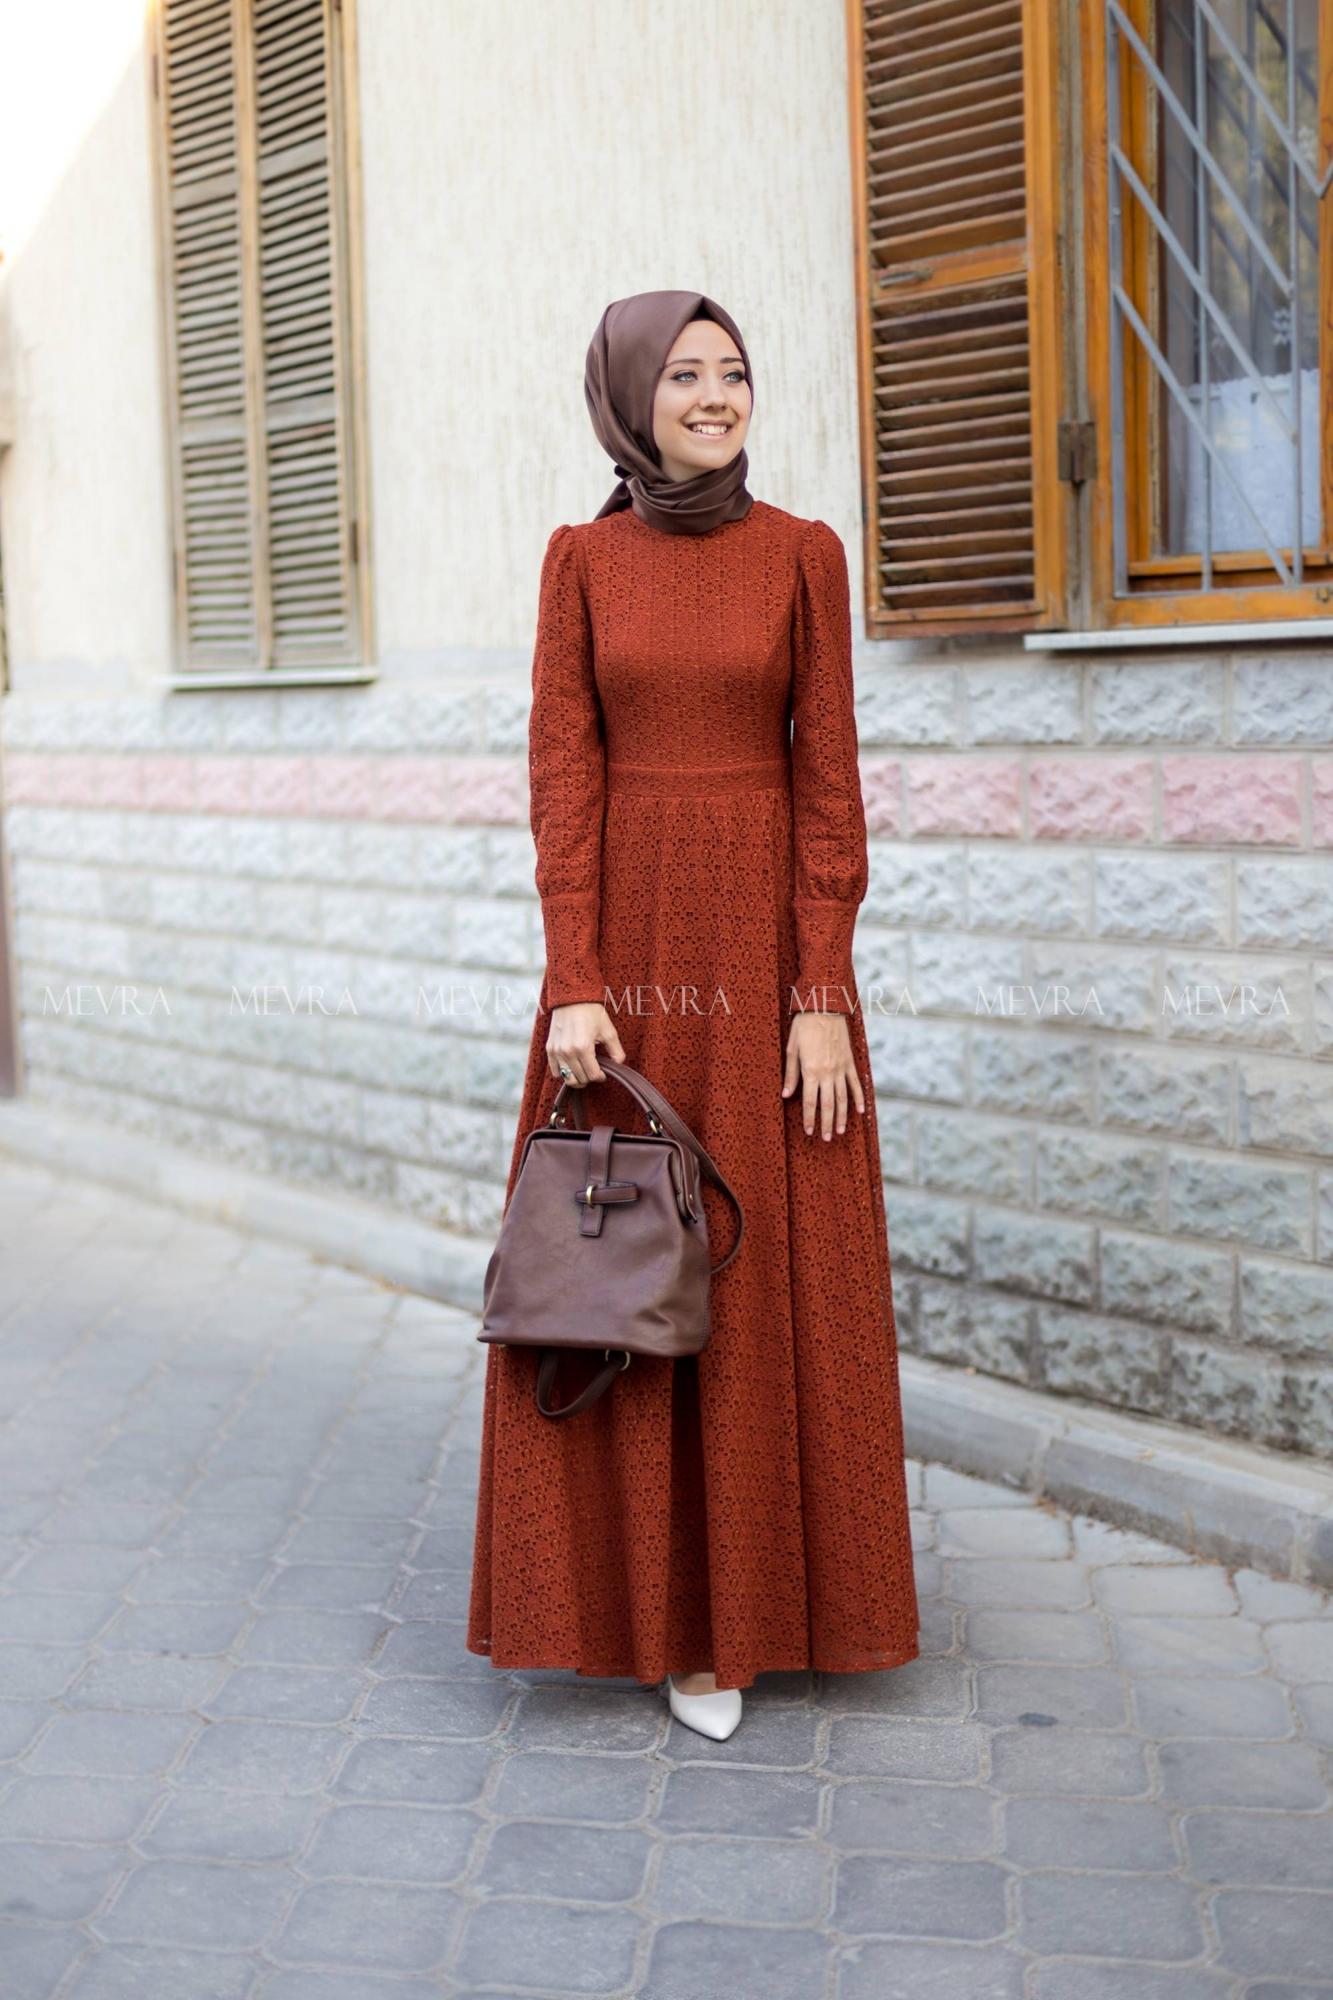 Mevra - Dina Elbise Kiremit